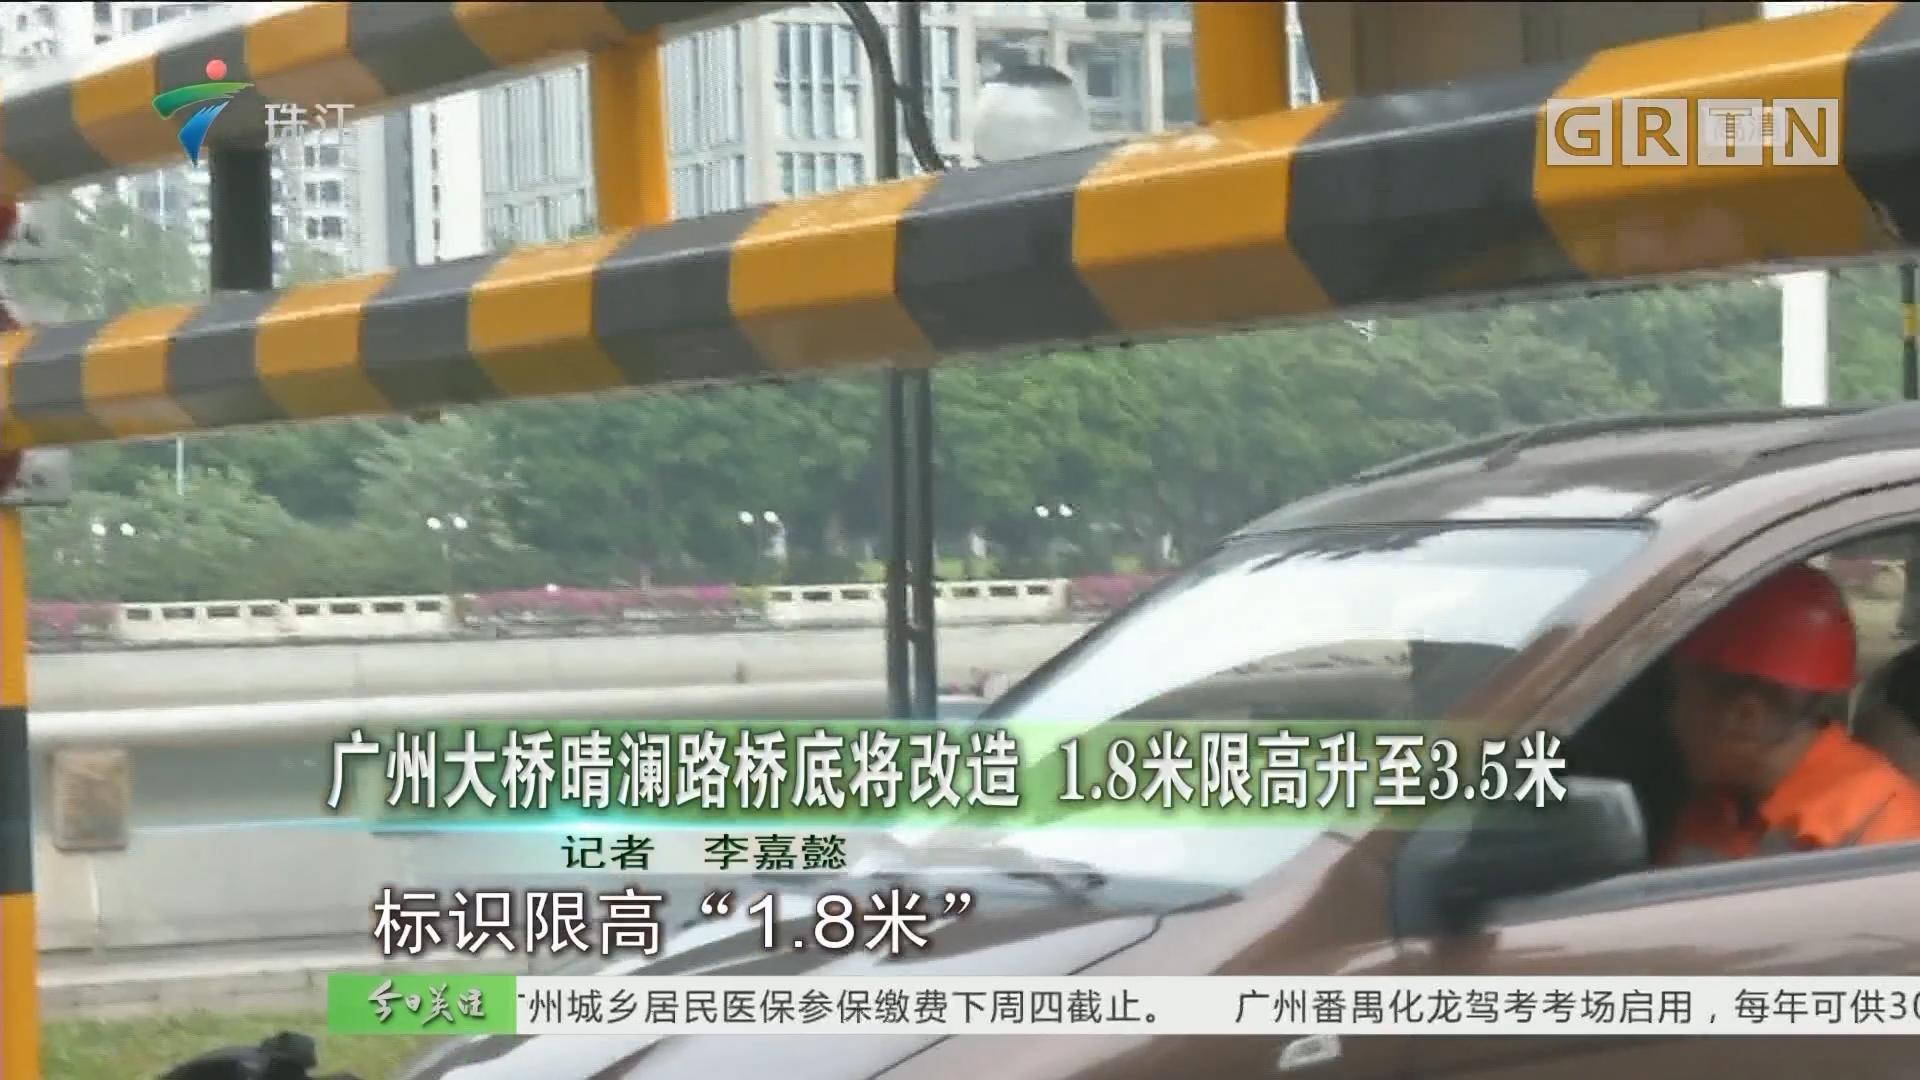 广州大桥晴澜路桥底将改造 1.8米限高升至3.5米